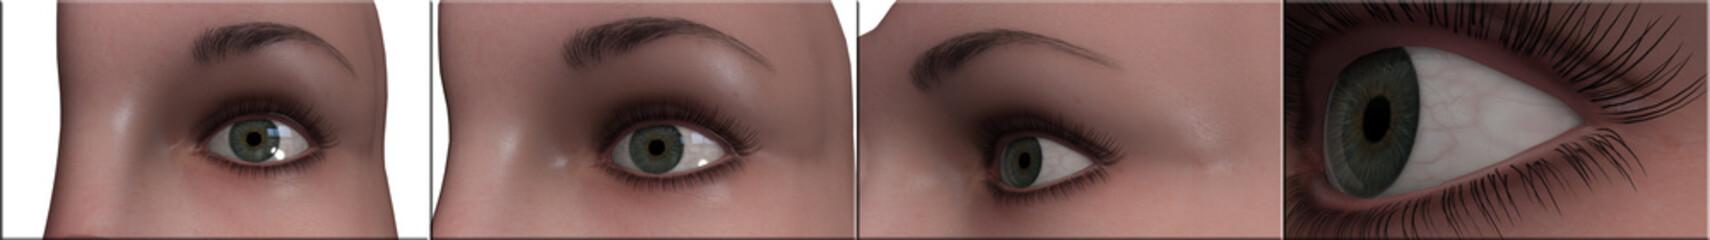 occhio visualizzazione 3d iride cornea